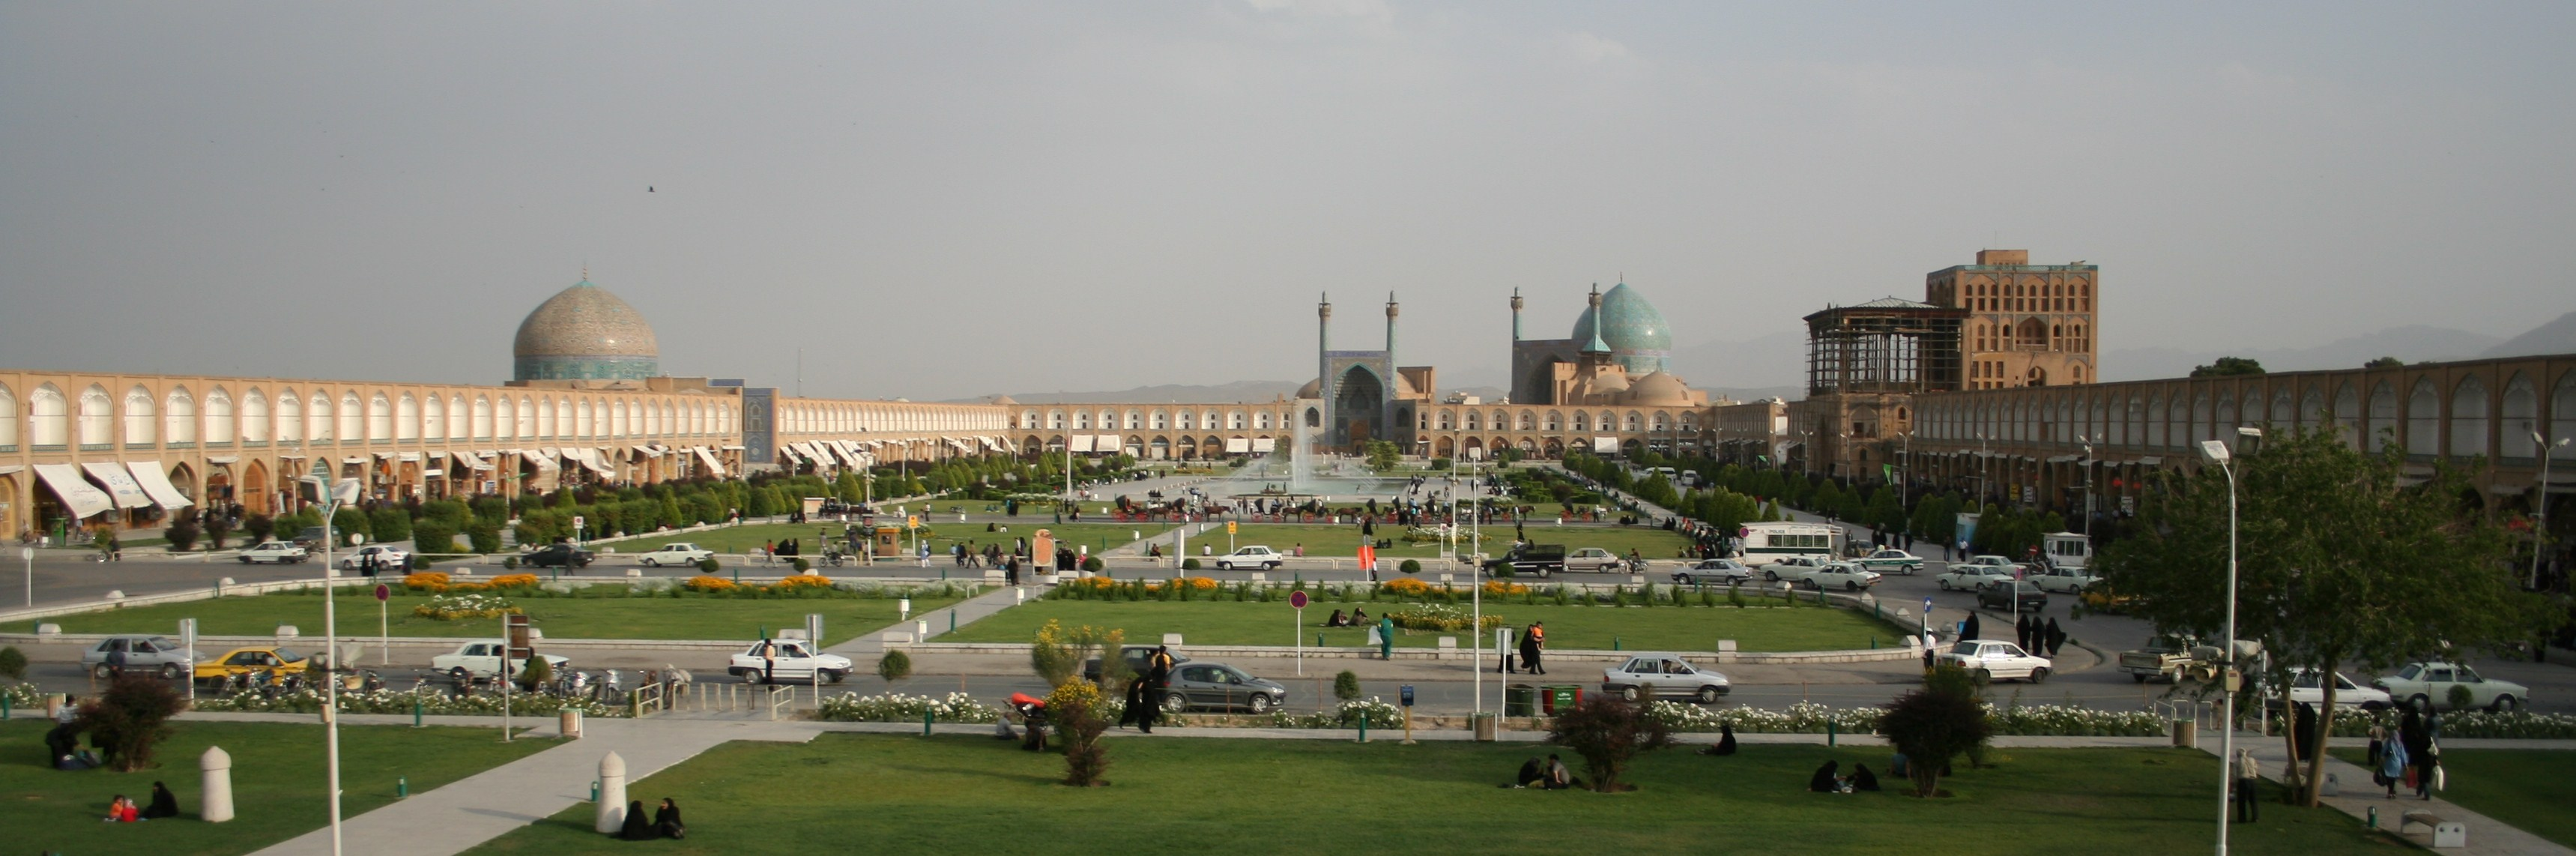 Isfahan_Naqsh-i_Jahan